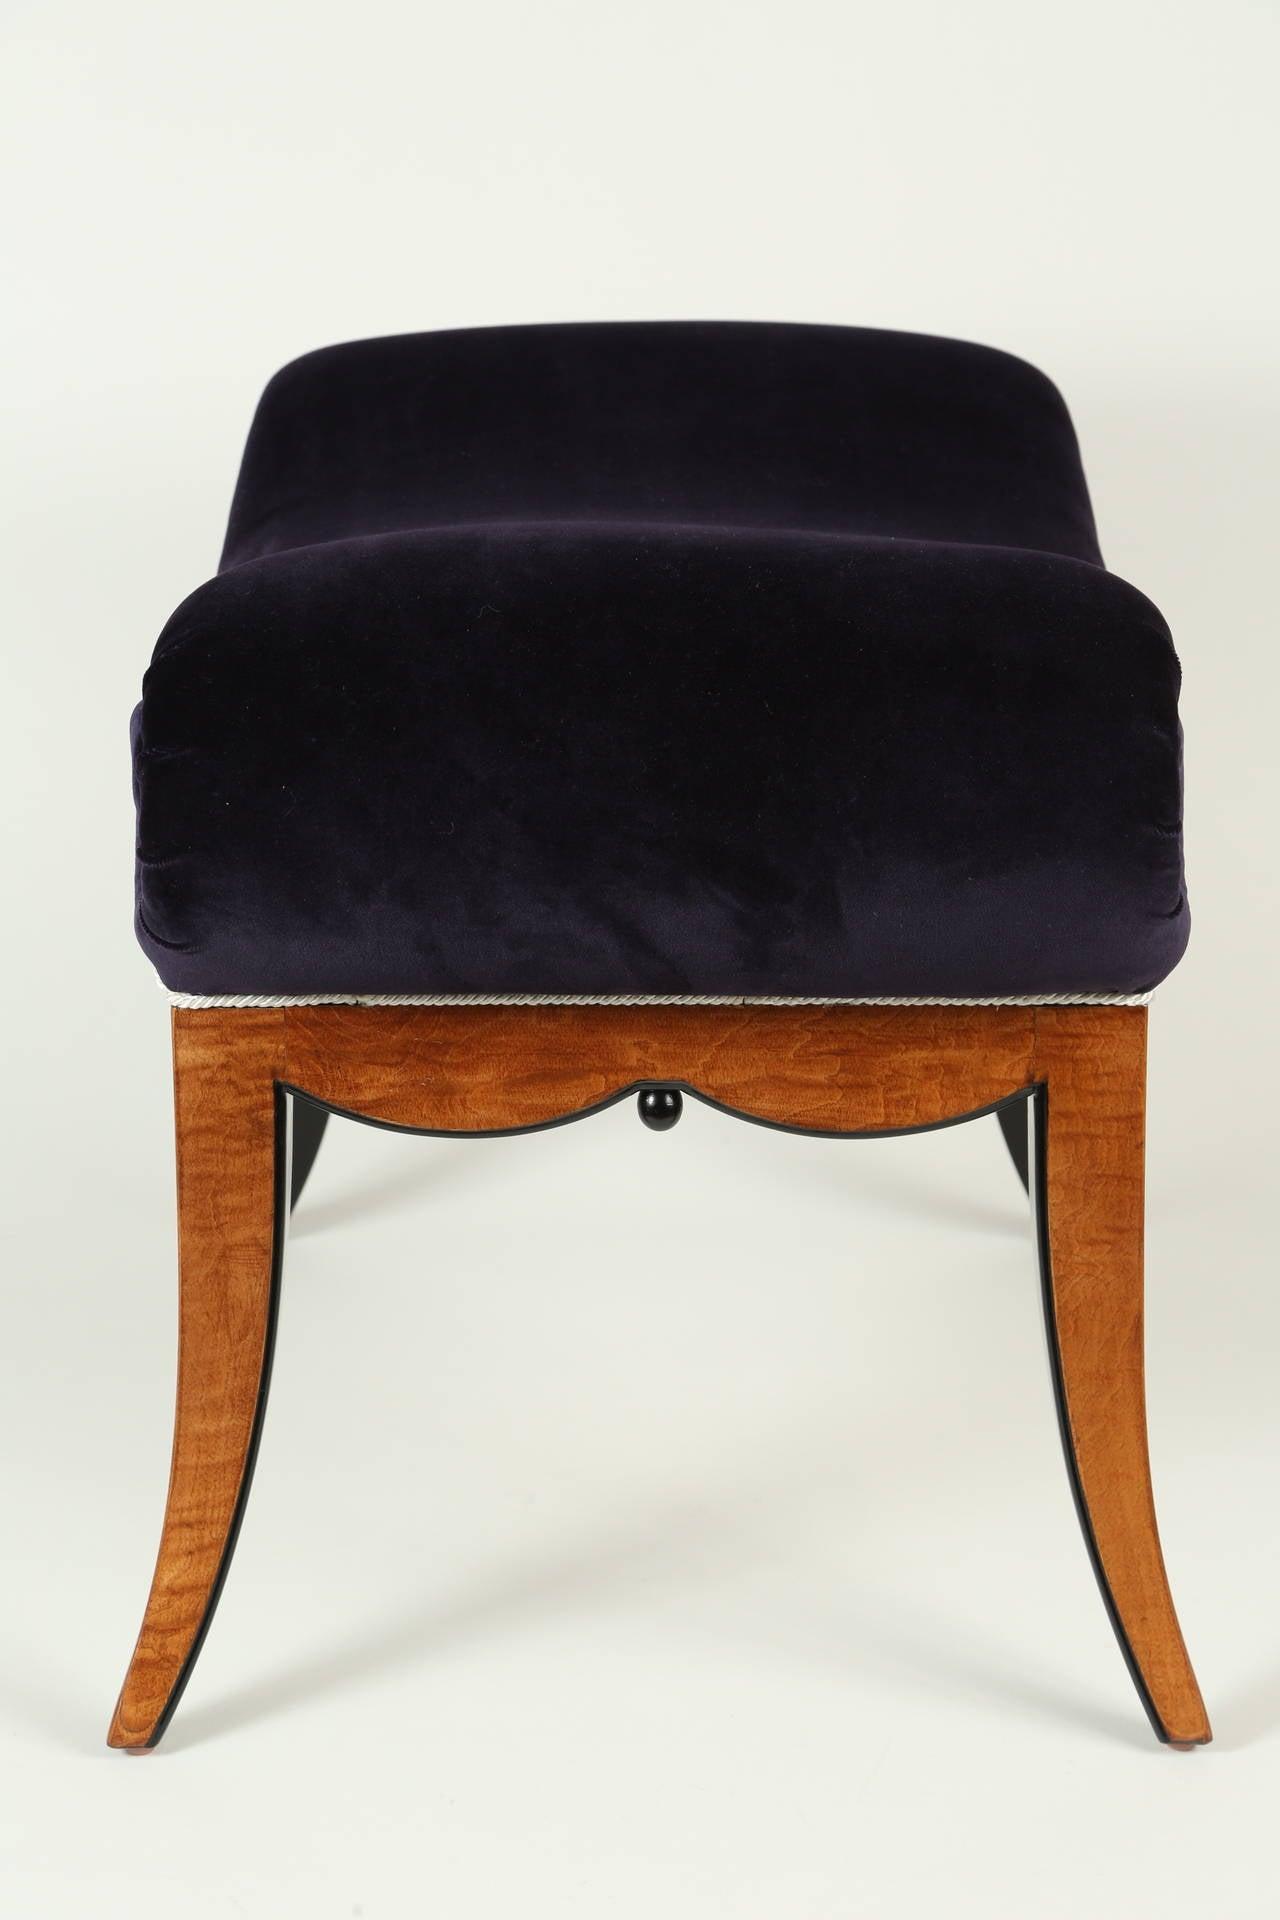 Velvet Upholstered Biedermeier Bench For Sale At 1stdibs